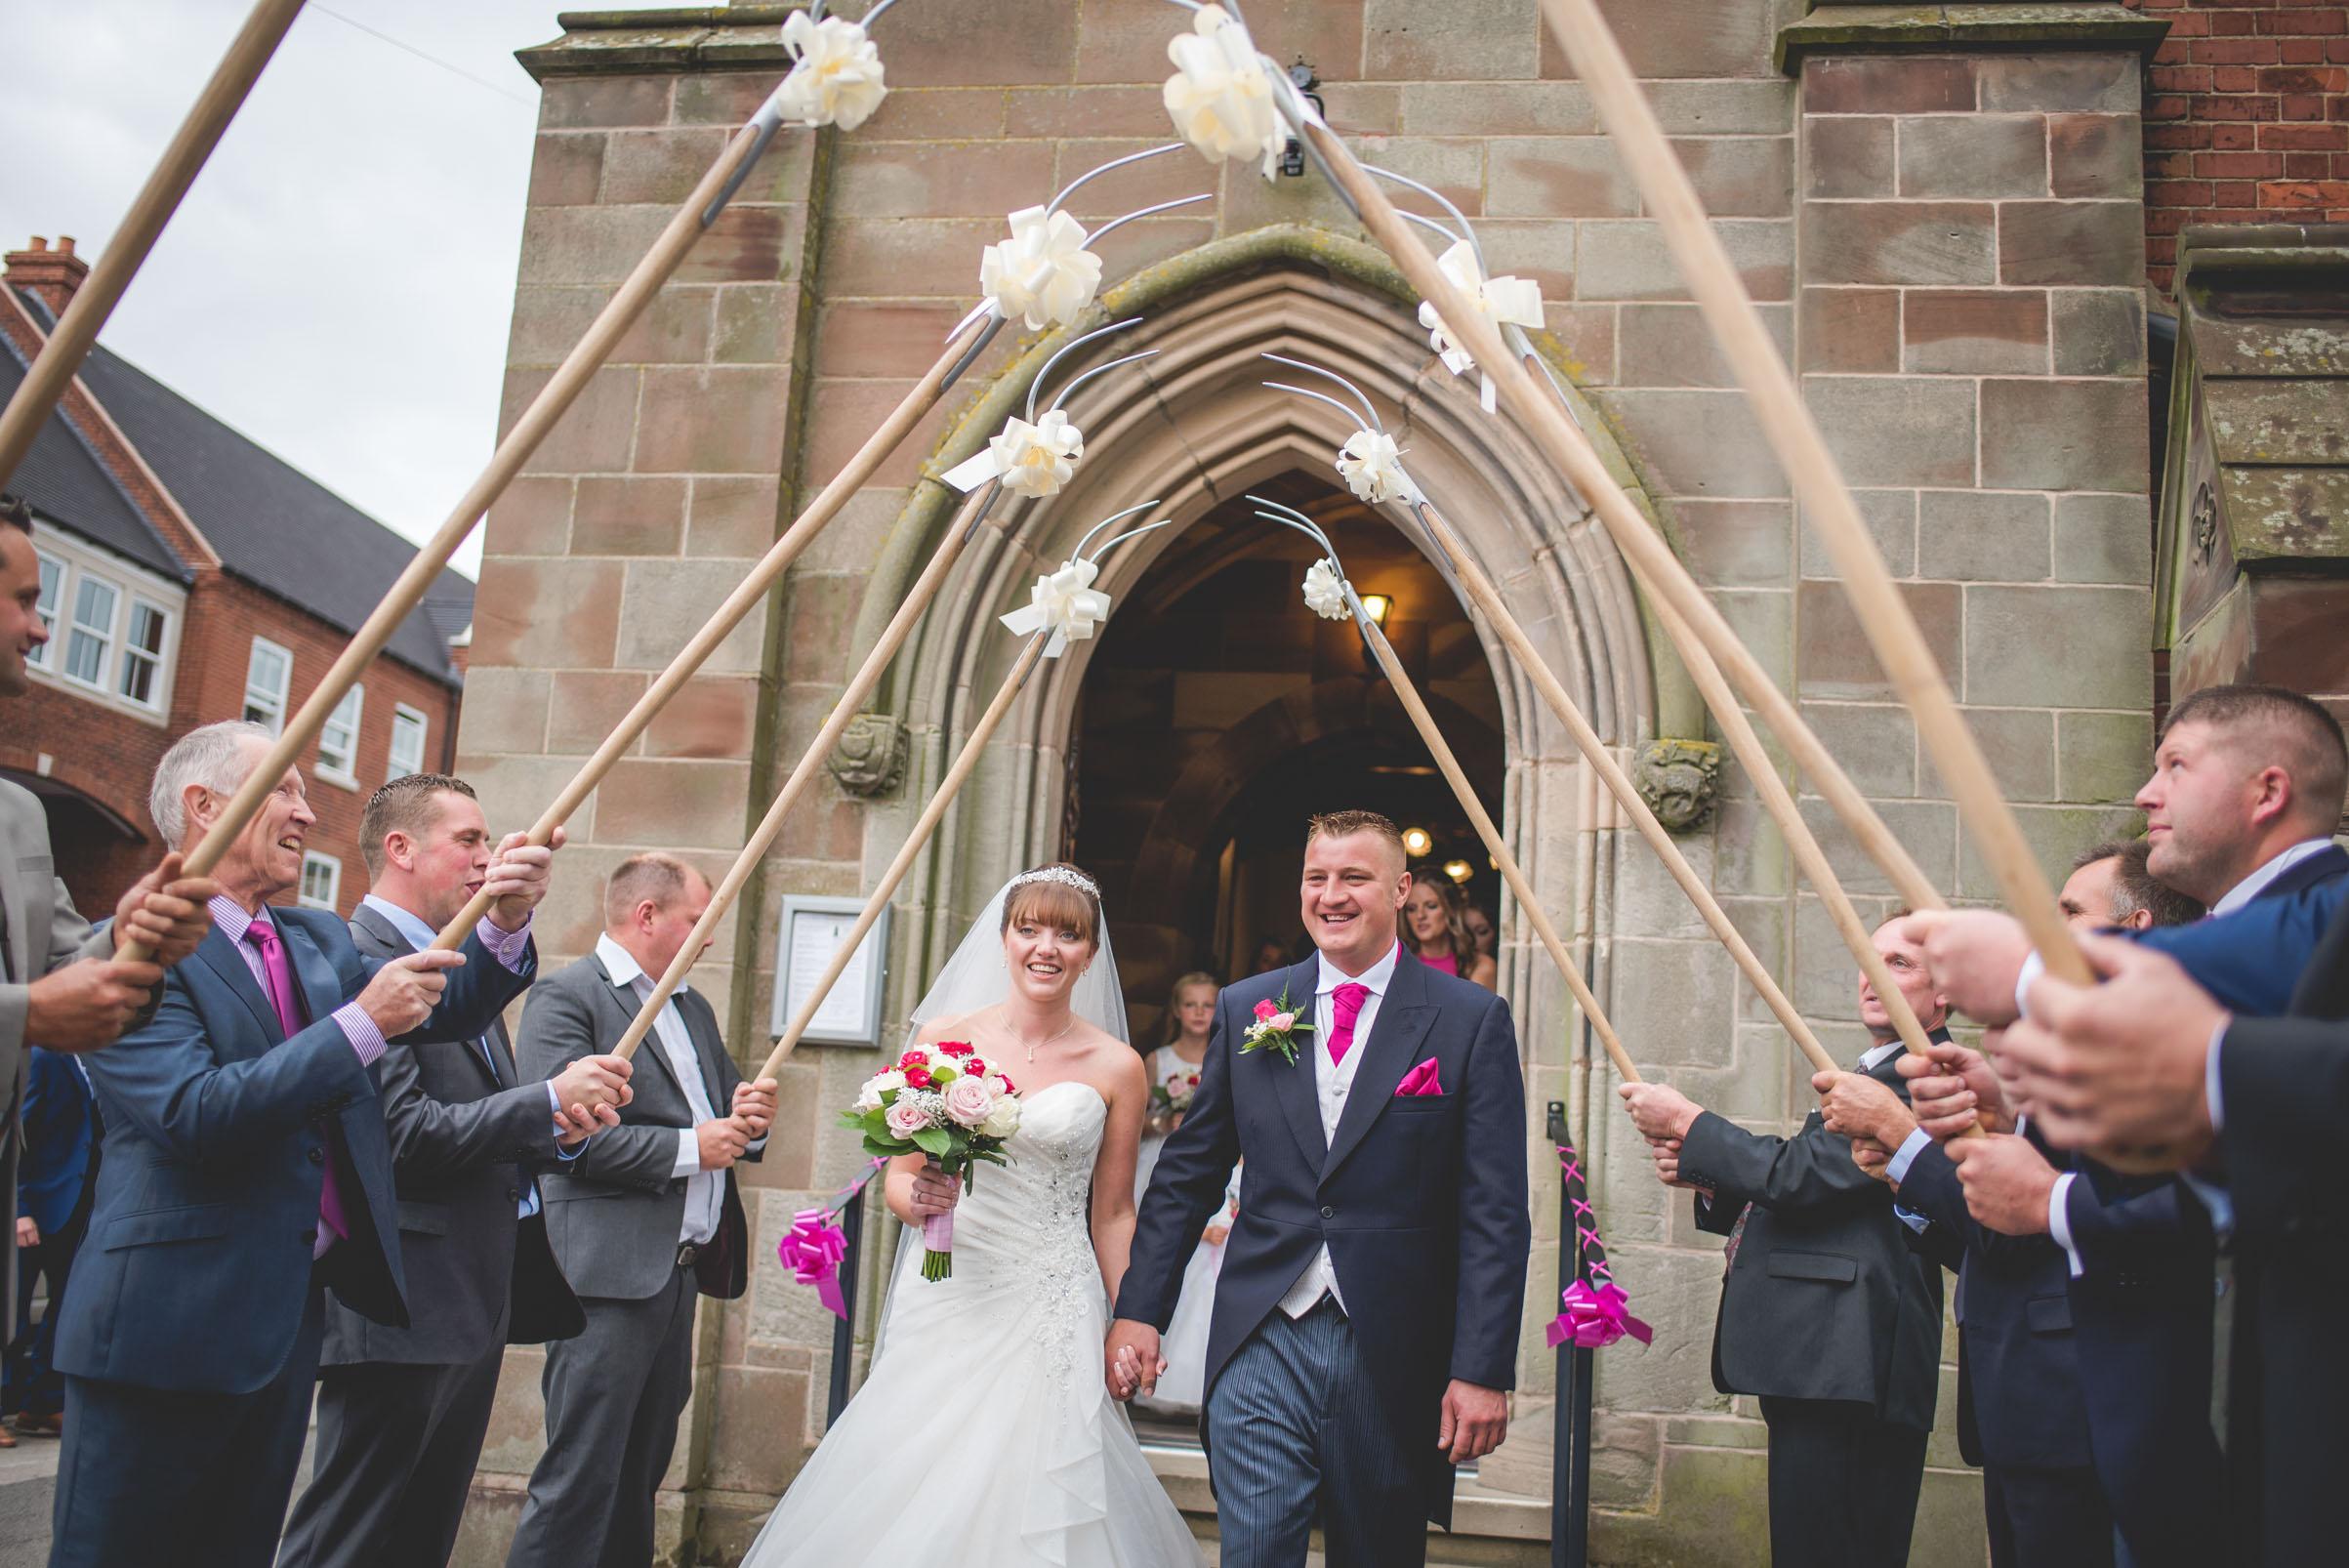 Farm-wedding-staffordshire-st-marys-catholic-church-uttoxter-41.jpg